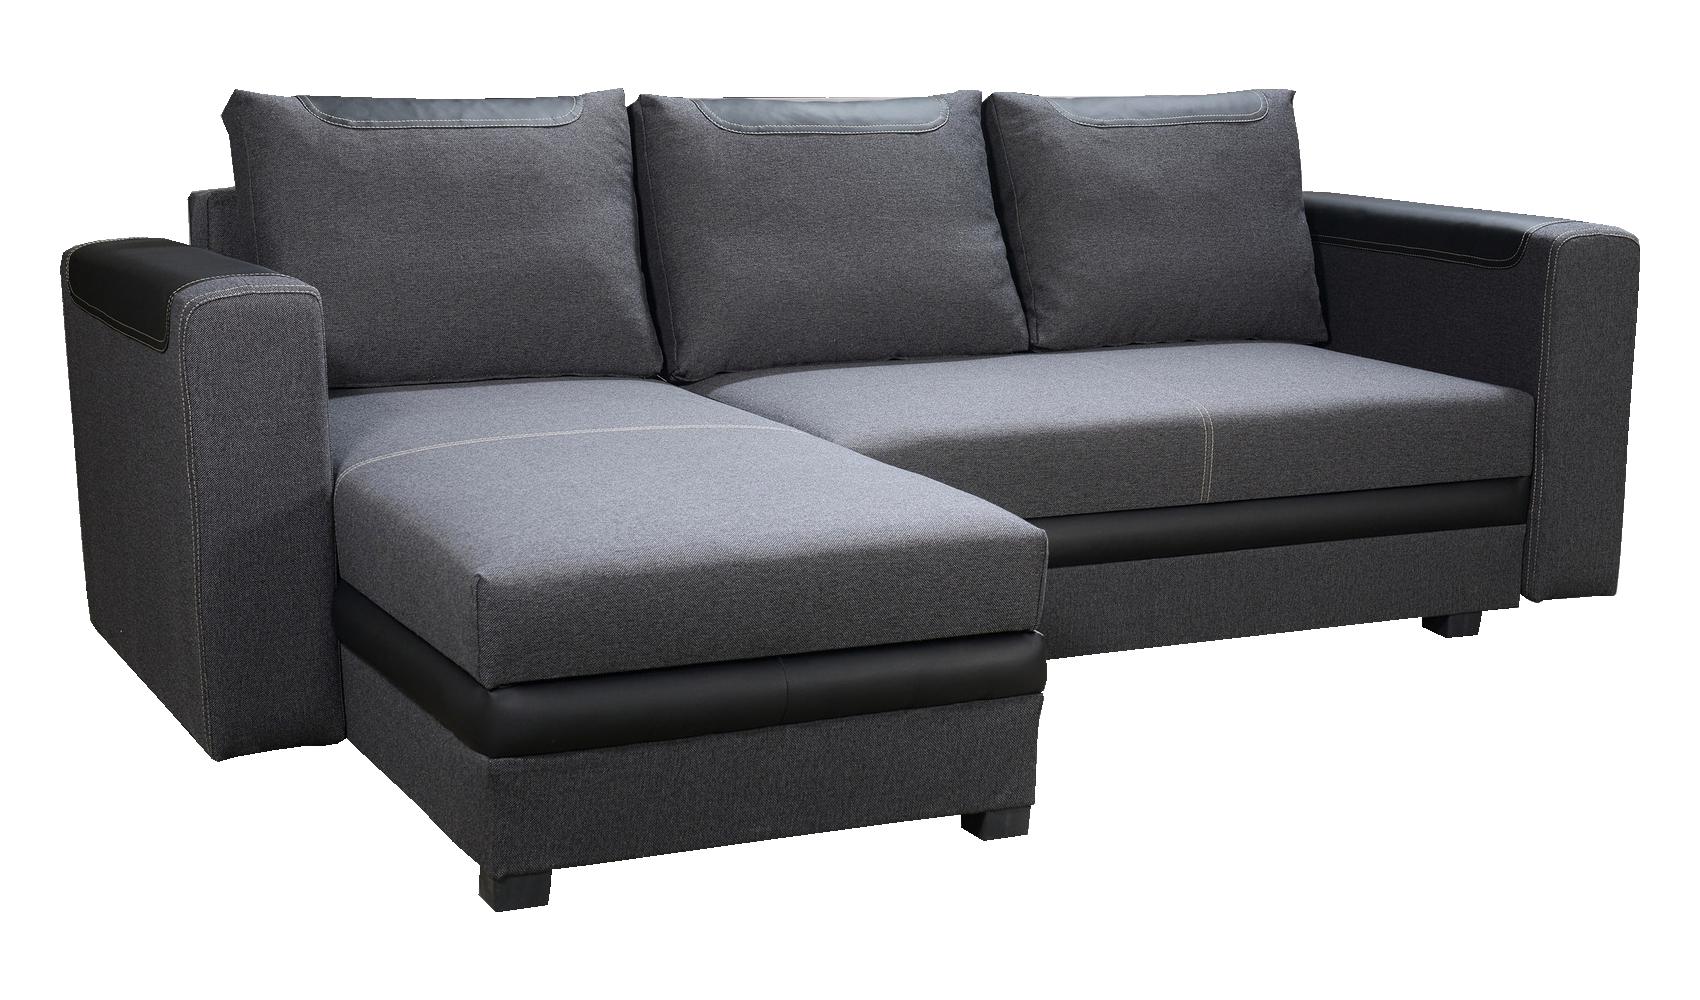 Rohová sedací souprava - Po-Sed - Bono (tmavě šedá + černá) (L)